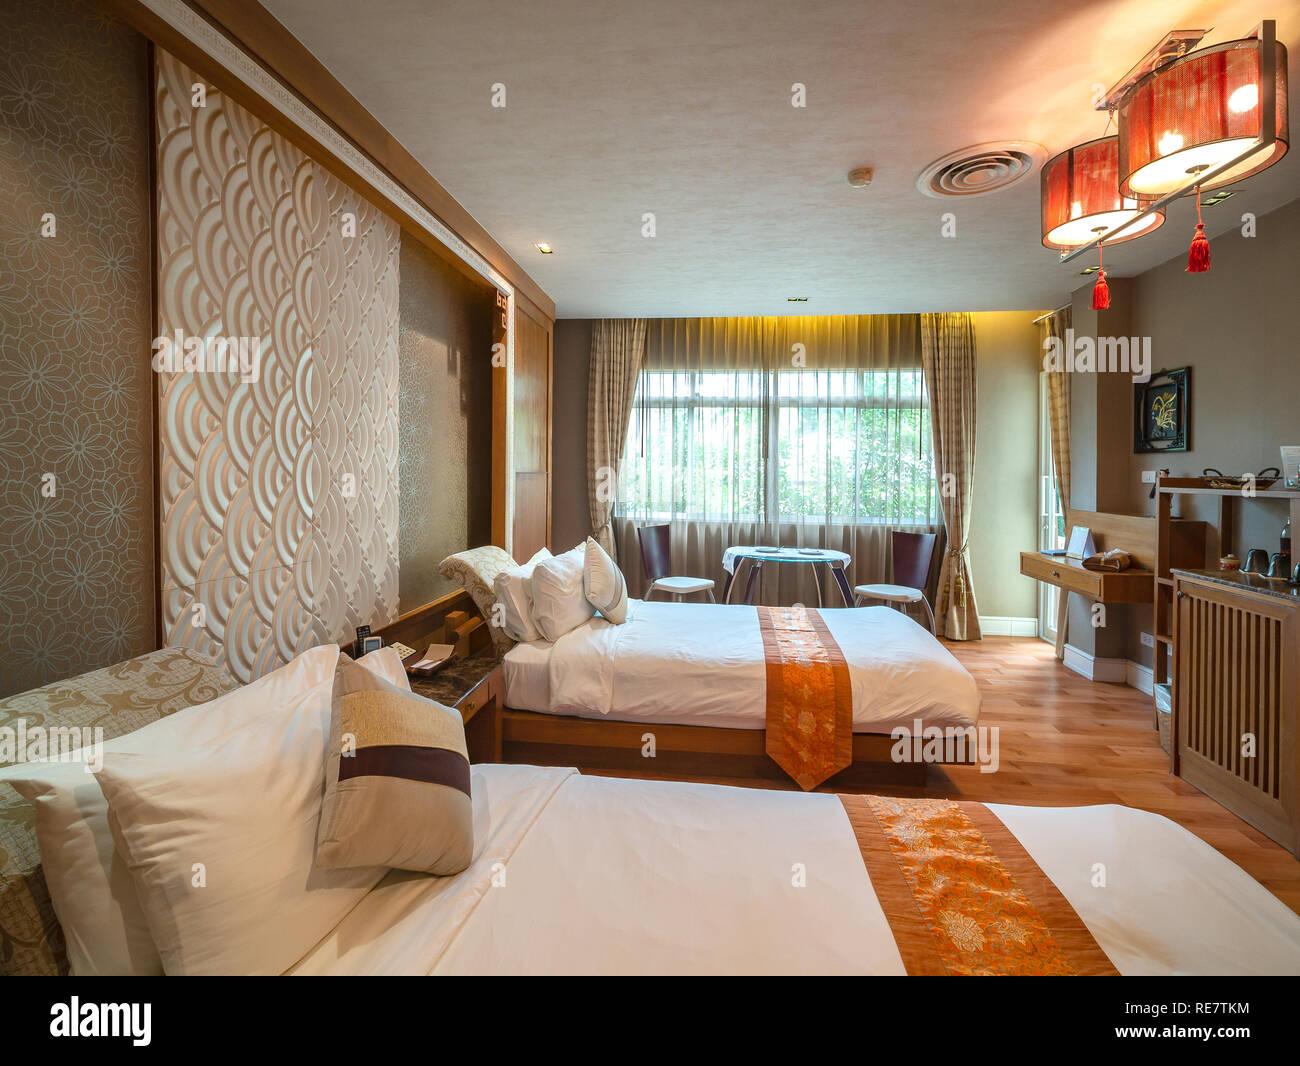 Chambre Luxury avec lit avec décoration vintage, style Chinois